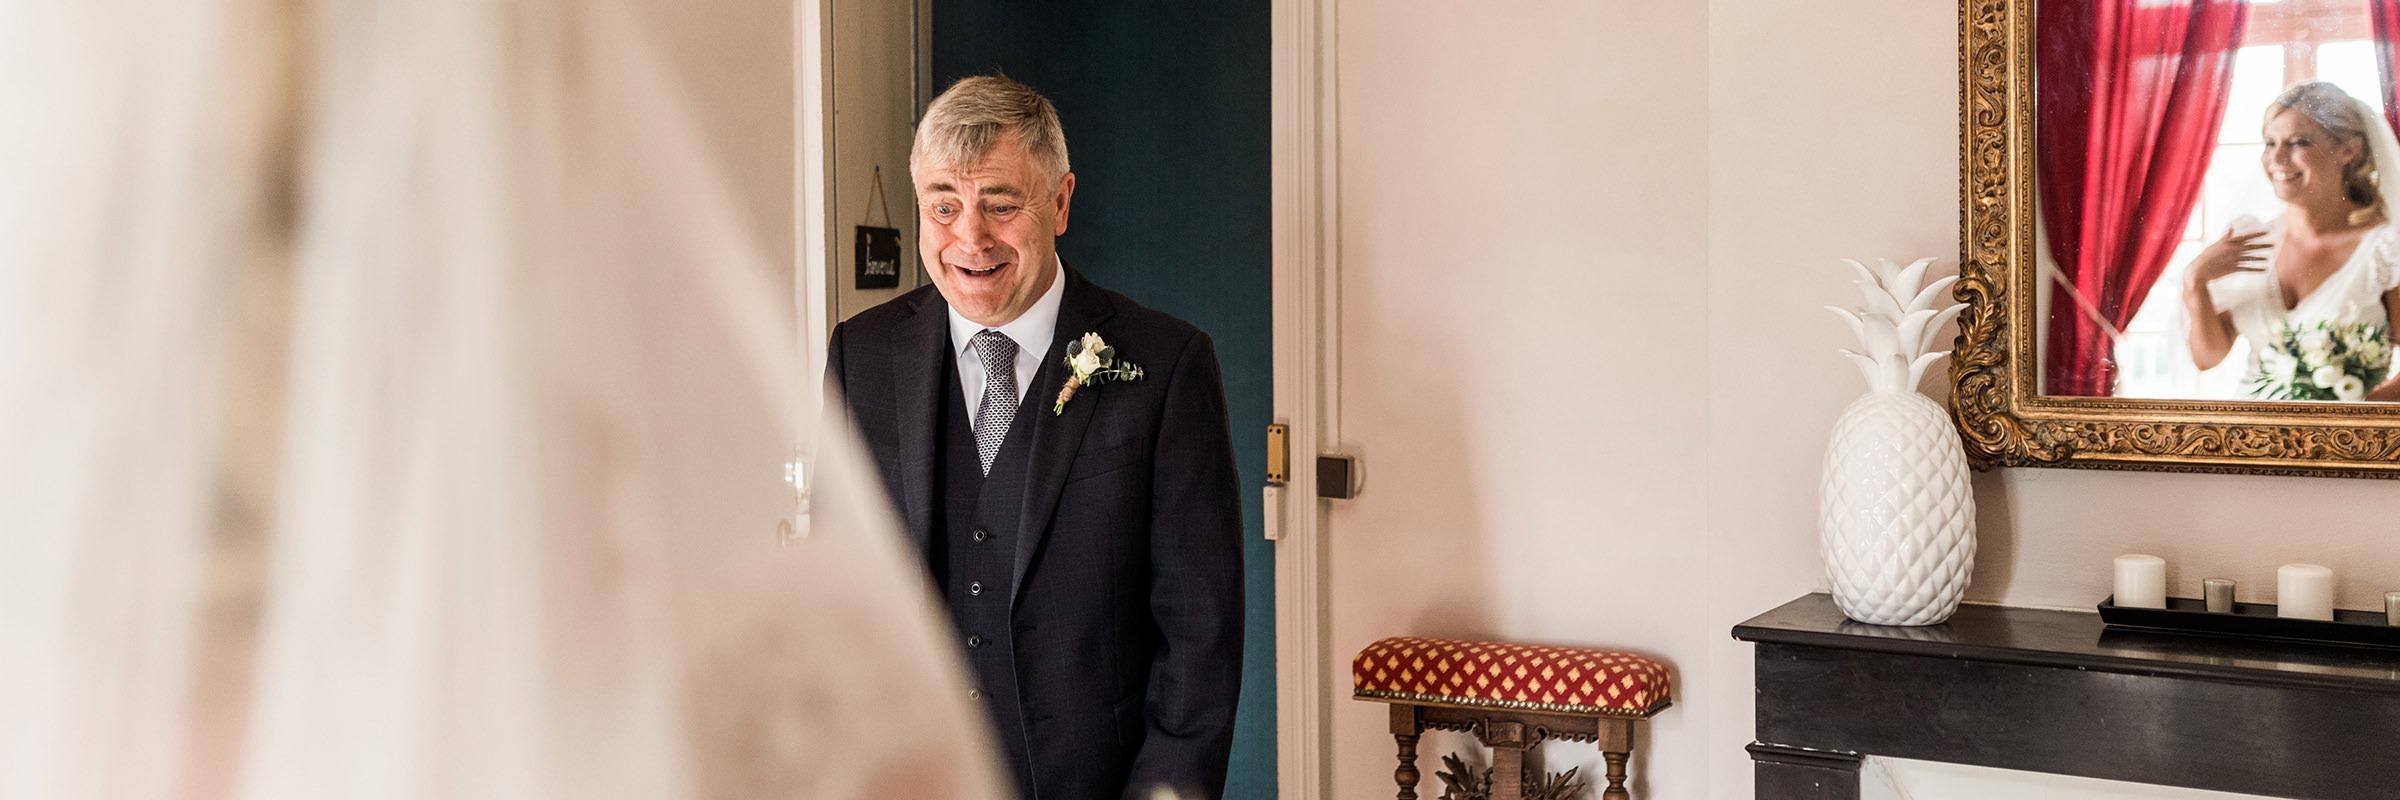 Mea Photography photographe de mariage à Rennes Vannes Lorient Saint Malo Fougères Bain de Bretagne (2)